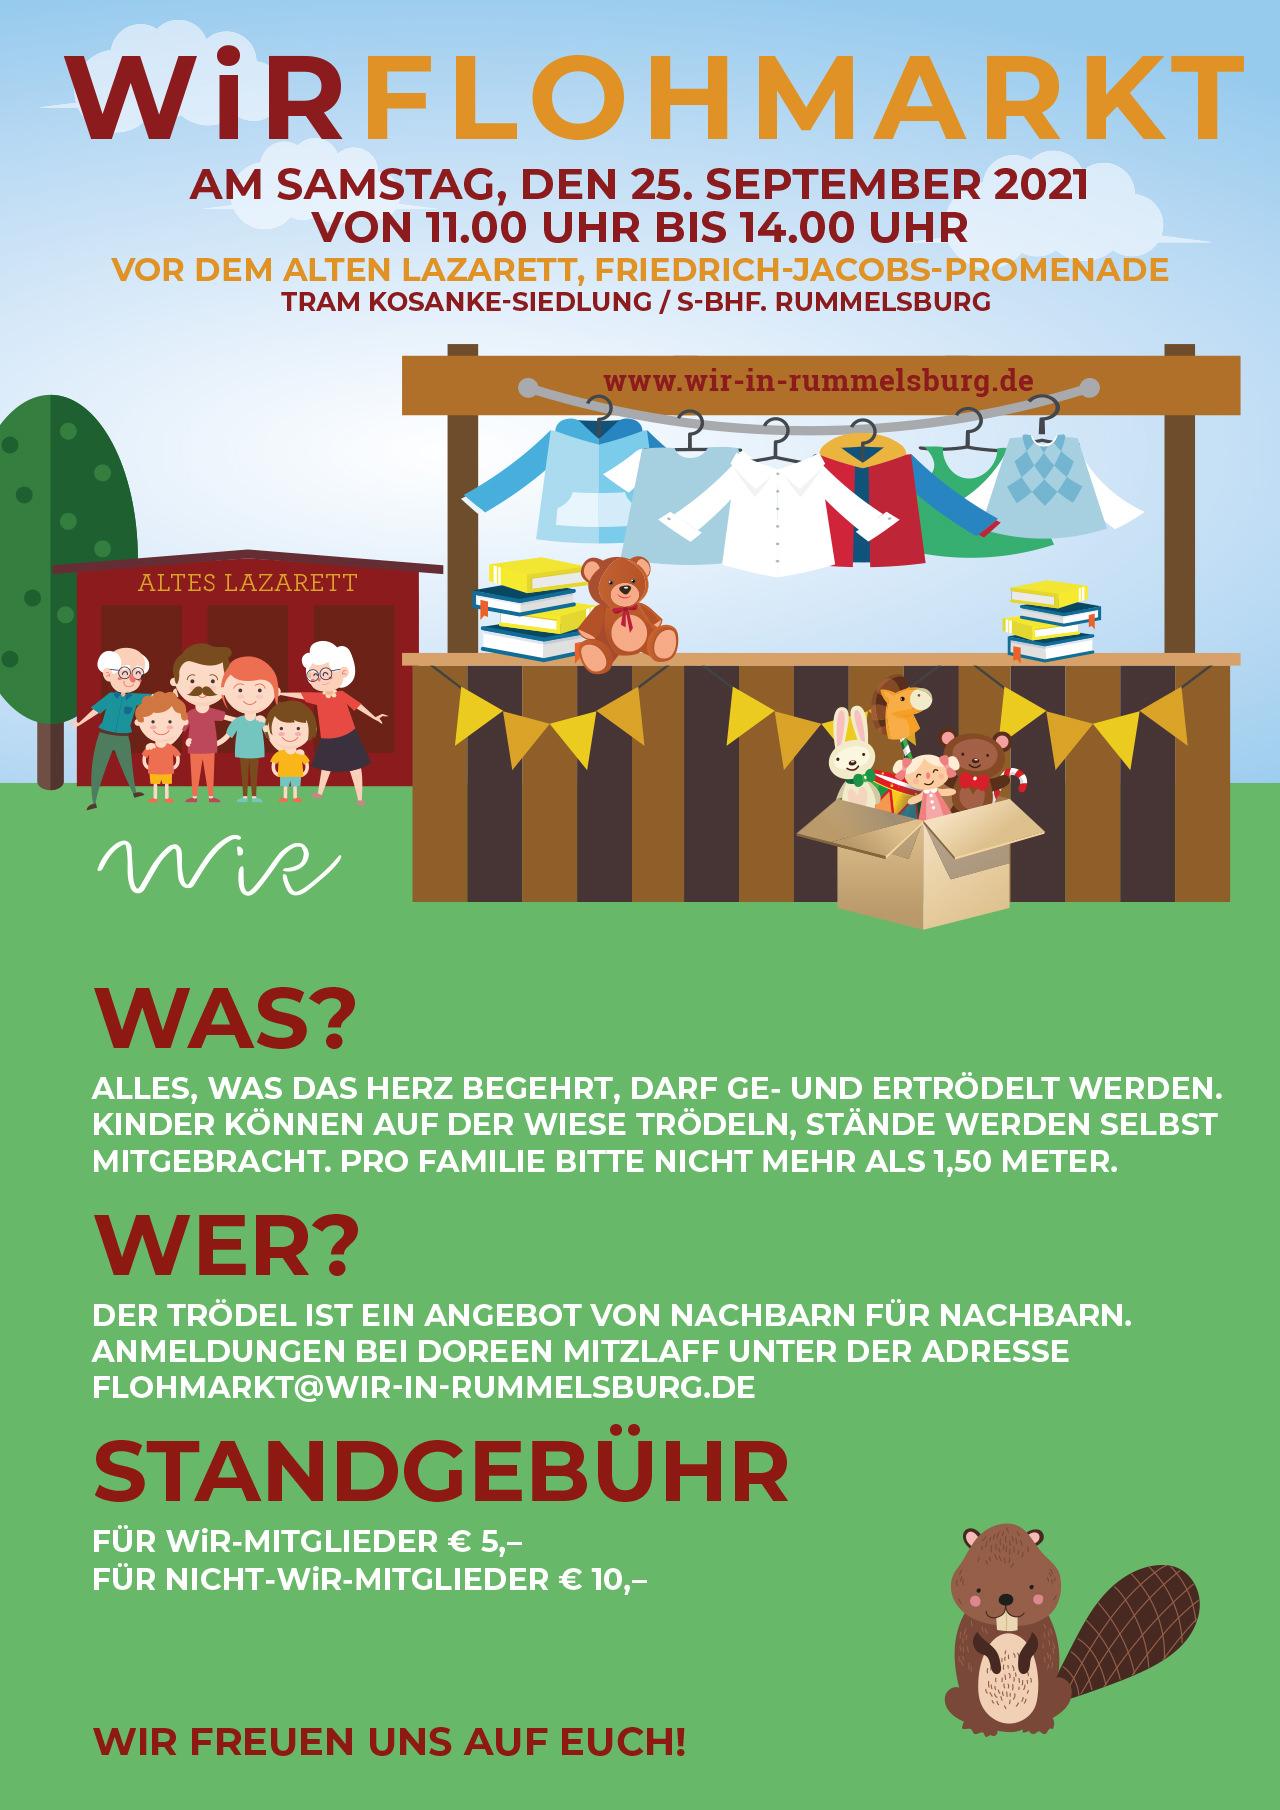 WiR – Wohnen in der Rummelsburger Bucht Nachbarschaftsverein – WiR Flohmarkt am 25.09.2021